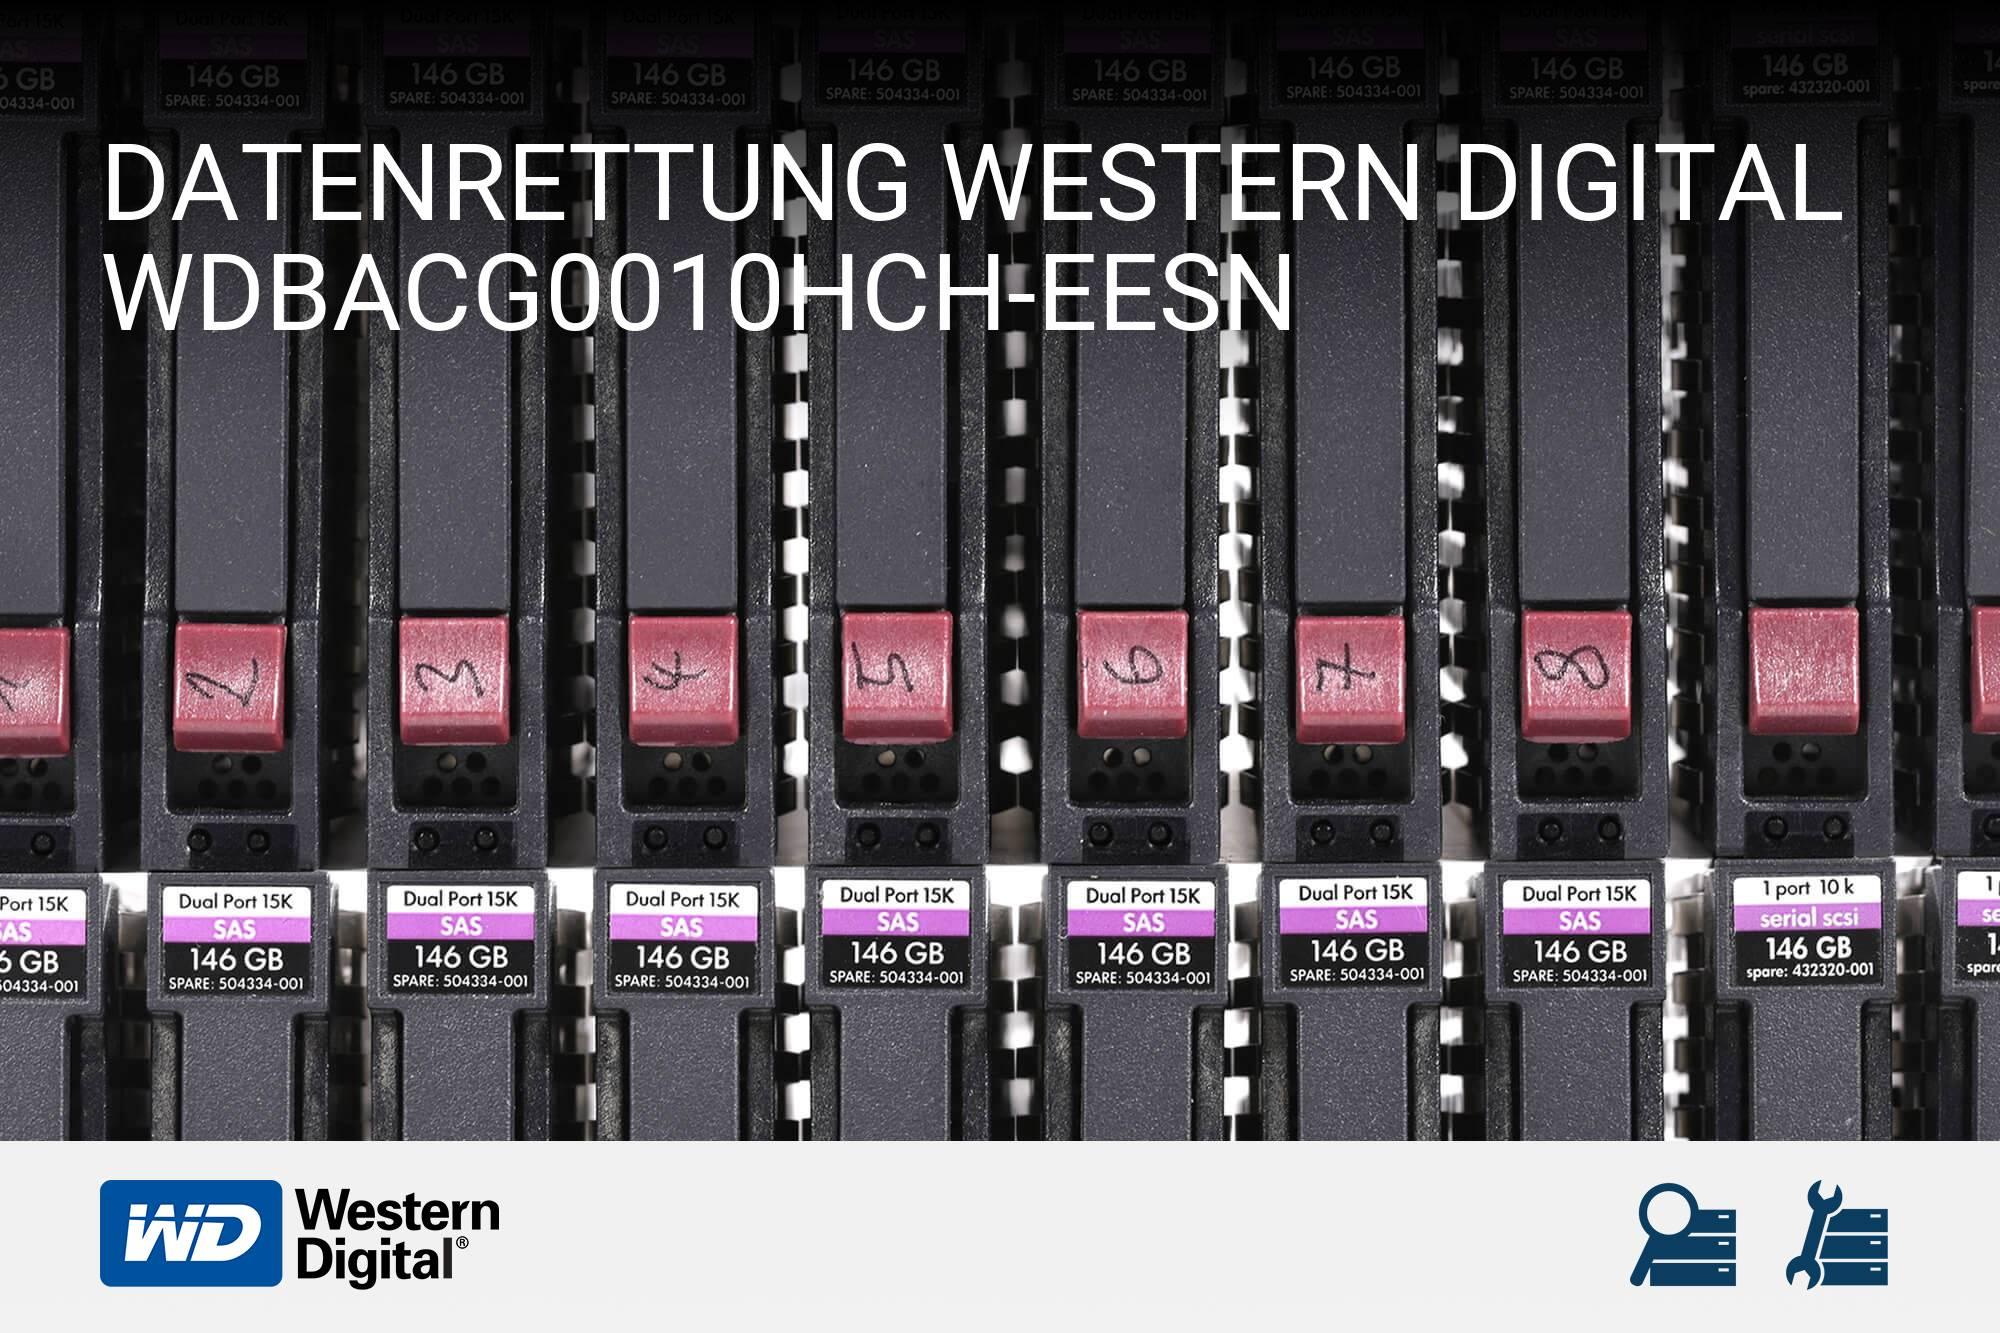 Western Digital WDBACG0010HCH-EESN